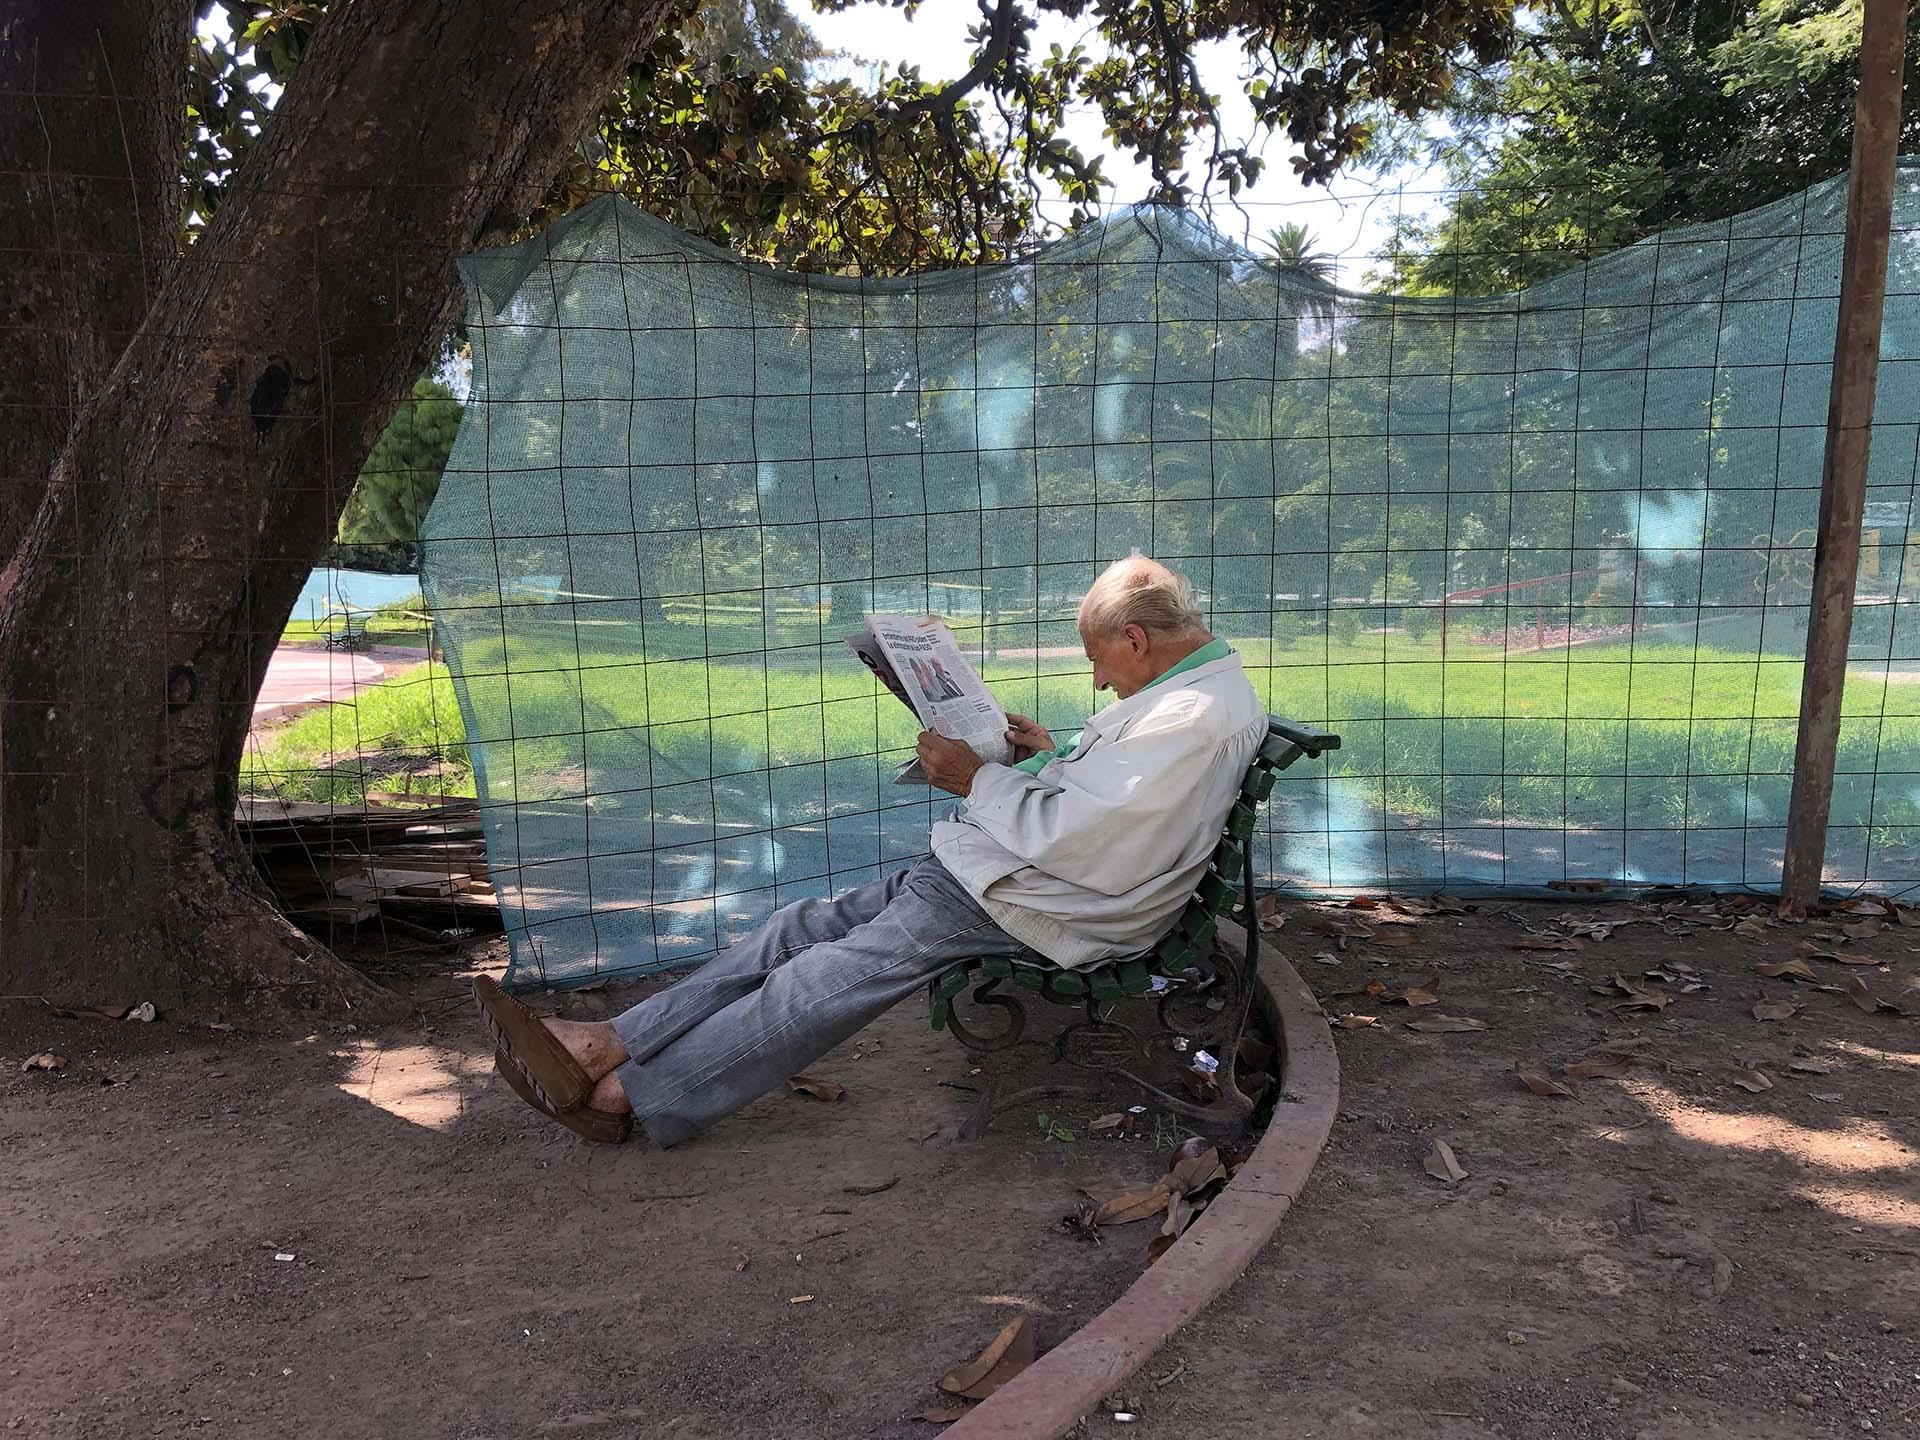 Un hombre leyendo un diario en un domingo de muchísimo calor en febrero de 2019 bajo la sombra de un árbol del Parque Rivadavia. Al artista reflexionó: